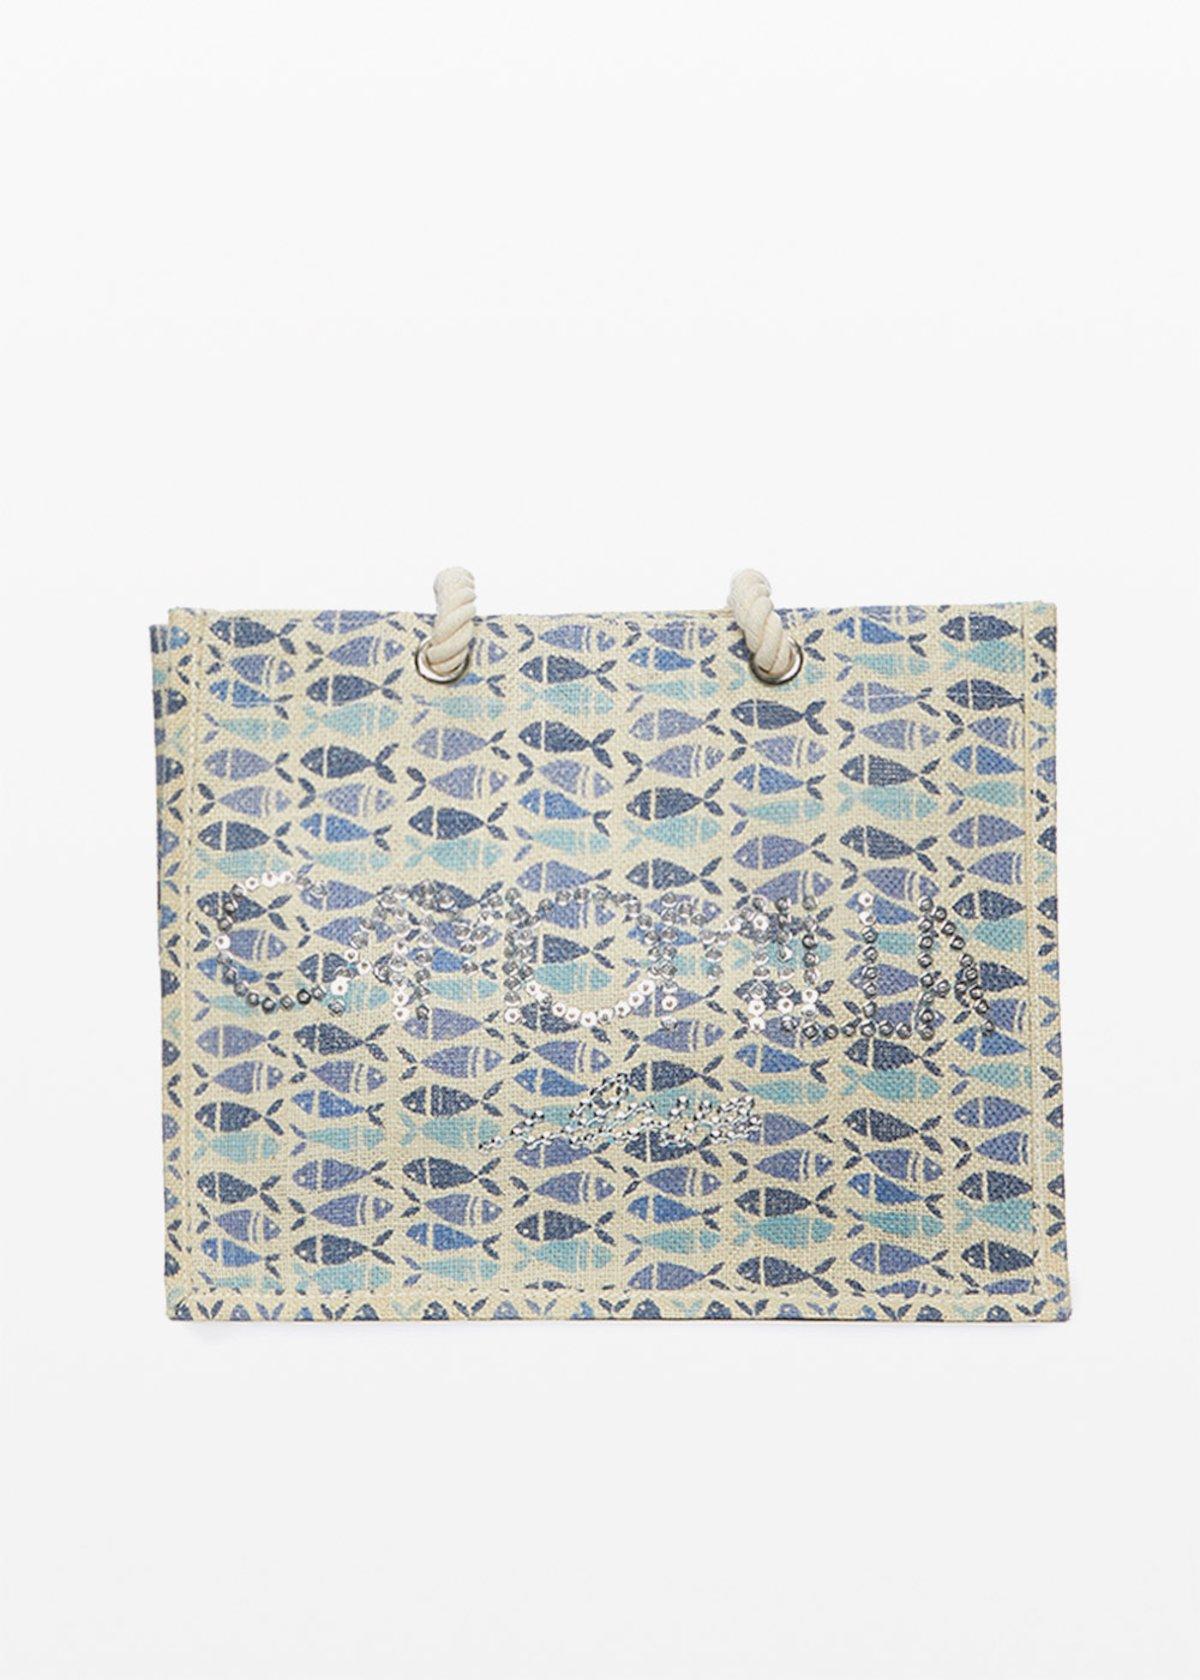 Jute bag Bitty fish print con logo Camomilla ilove in paillettes - Light Beige / Avion Fantasia - Donna - Immagine categoria